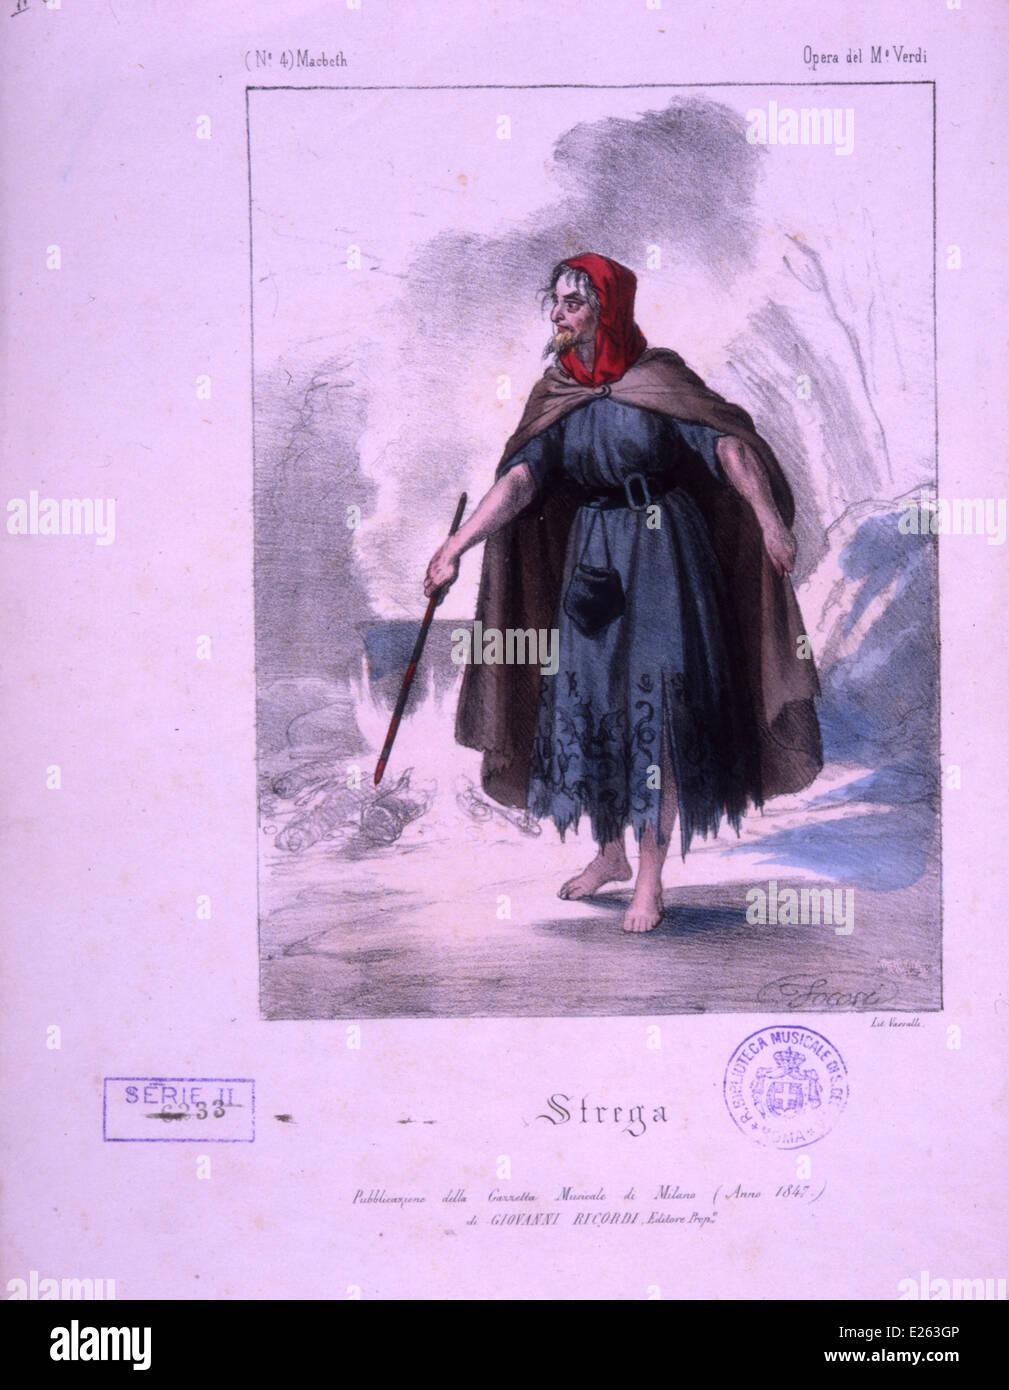 Giuseppe Verdi,macbeth,la strega,litografia,1800 Immagini Stock